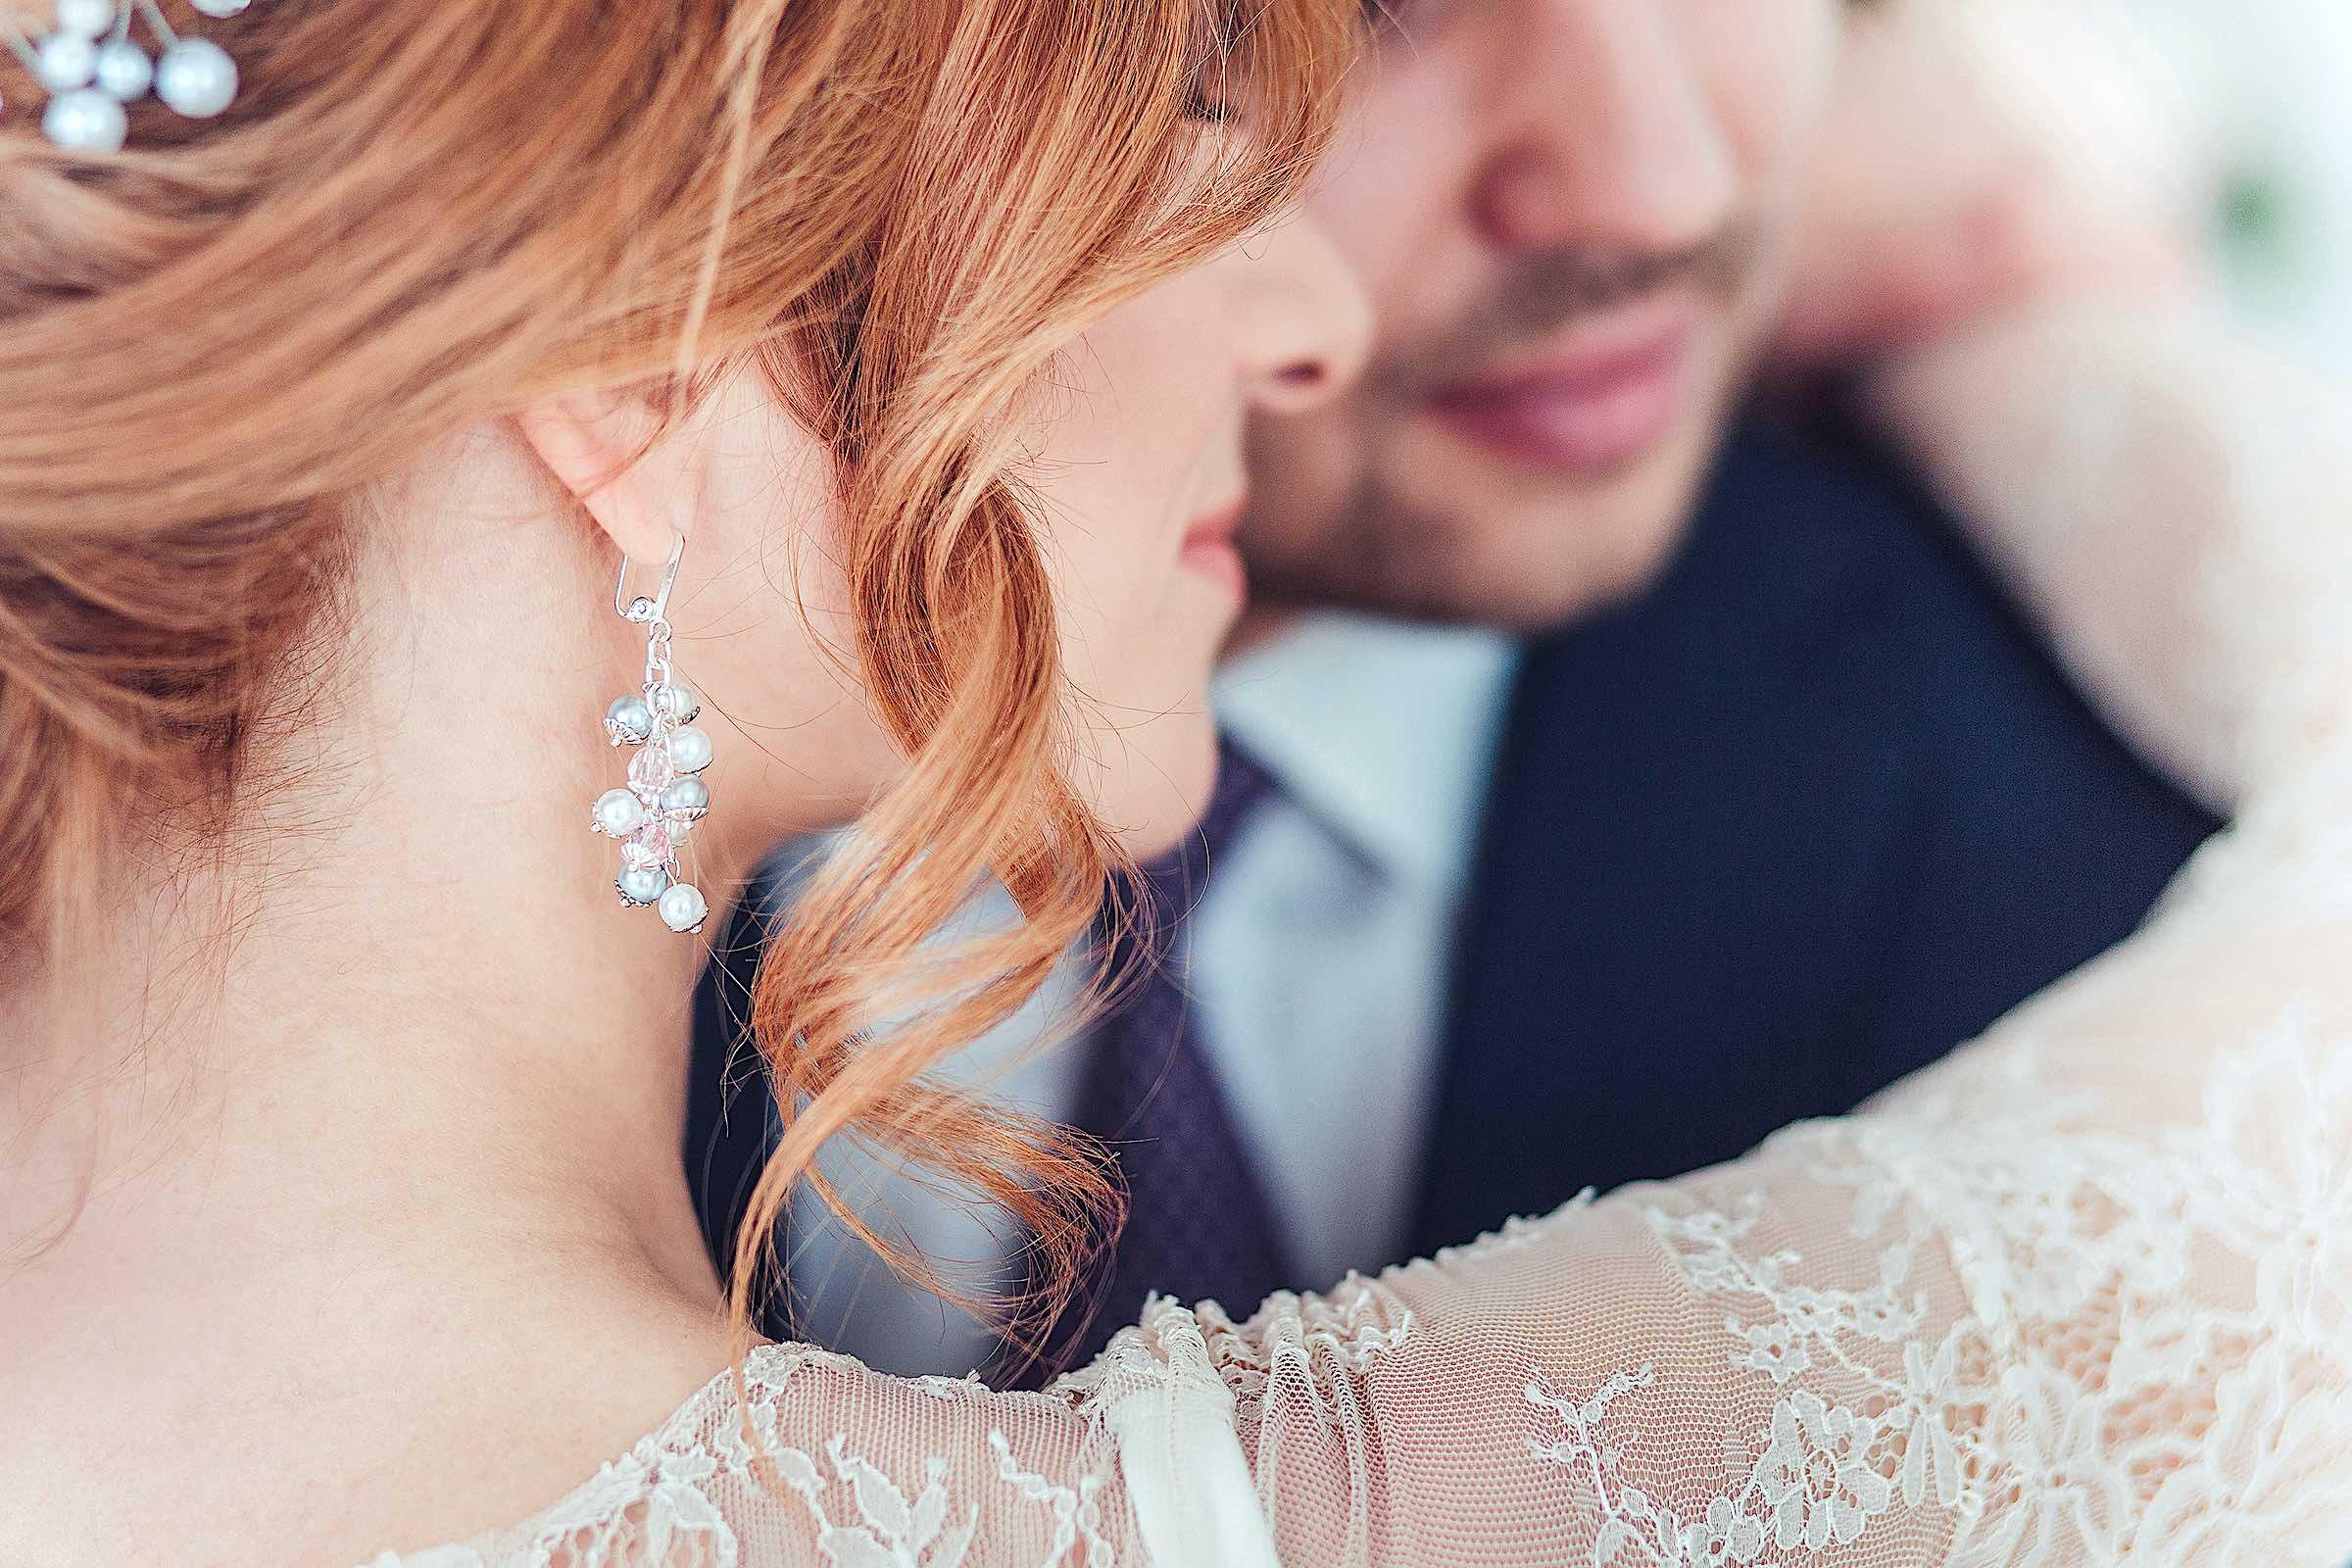 Hochzeitsreportage | Hochzeit | Hannover | Hameln | Celle | Peine | Braunschweig | Fotograf | Hochzeit | Hochzeitsfotografie | Hochzeitsfotograf | Fotografie | Mieten | Buchen | Lehmann | Eventservice